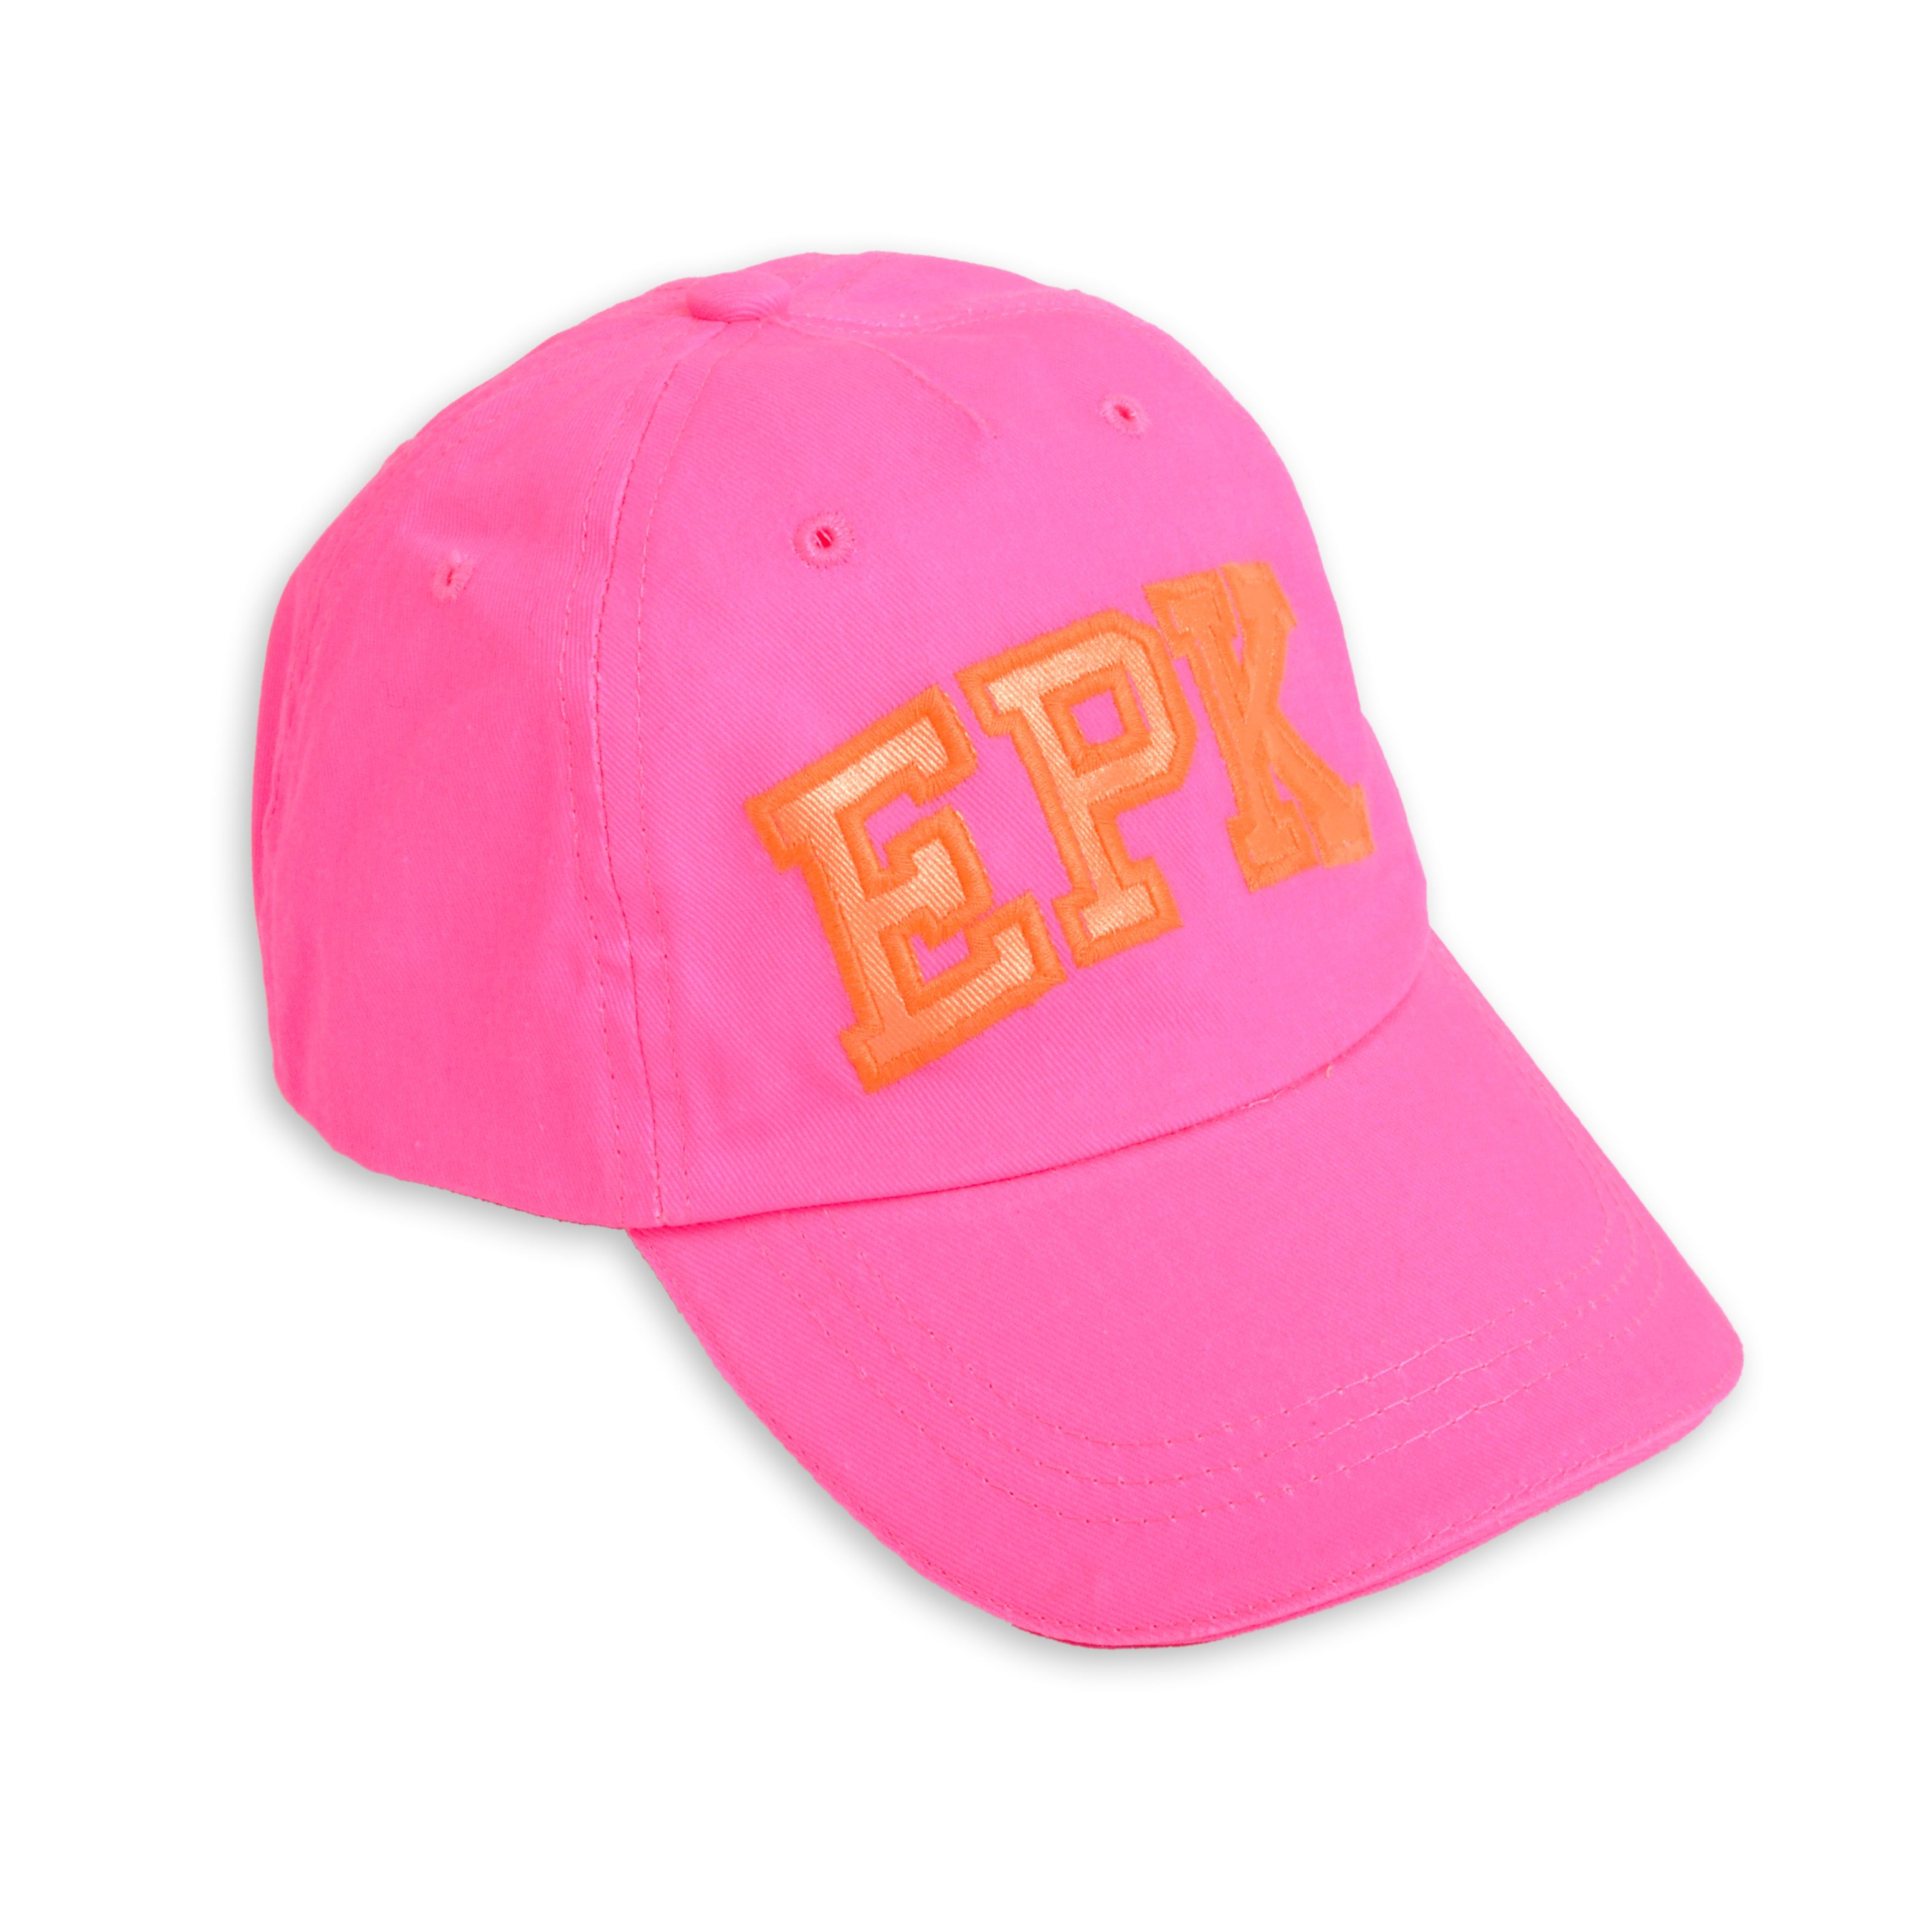 086e255c8a Gorra estilo béisbol para niña en color rosado neón y letras en color  anaranjado neón.